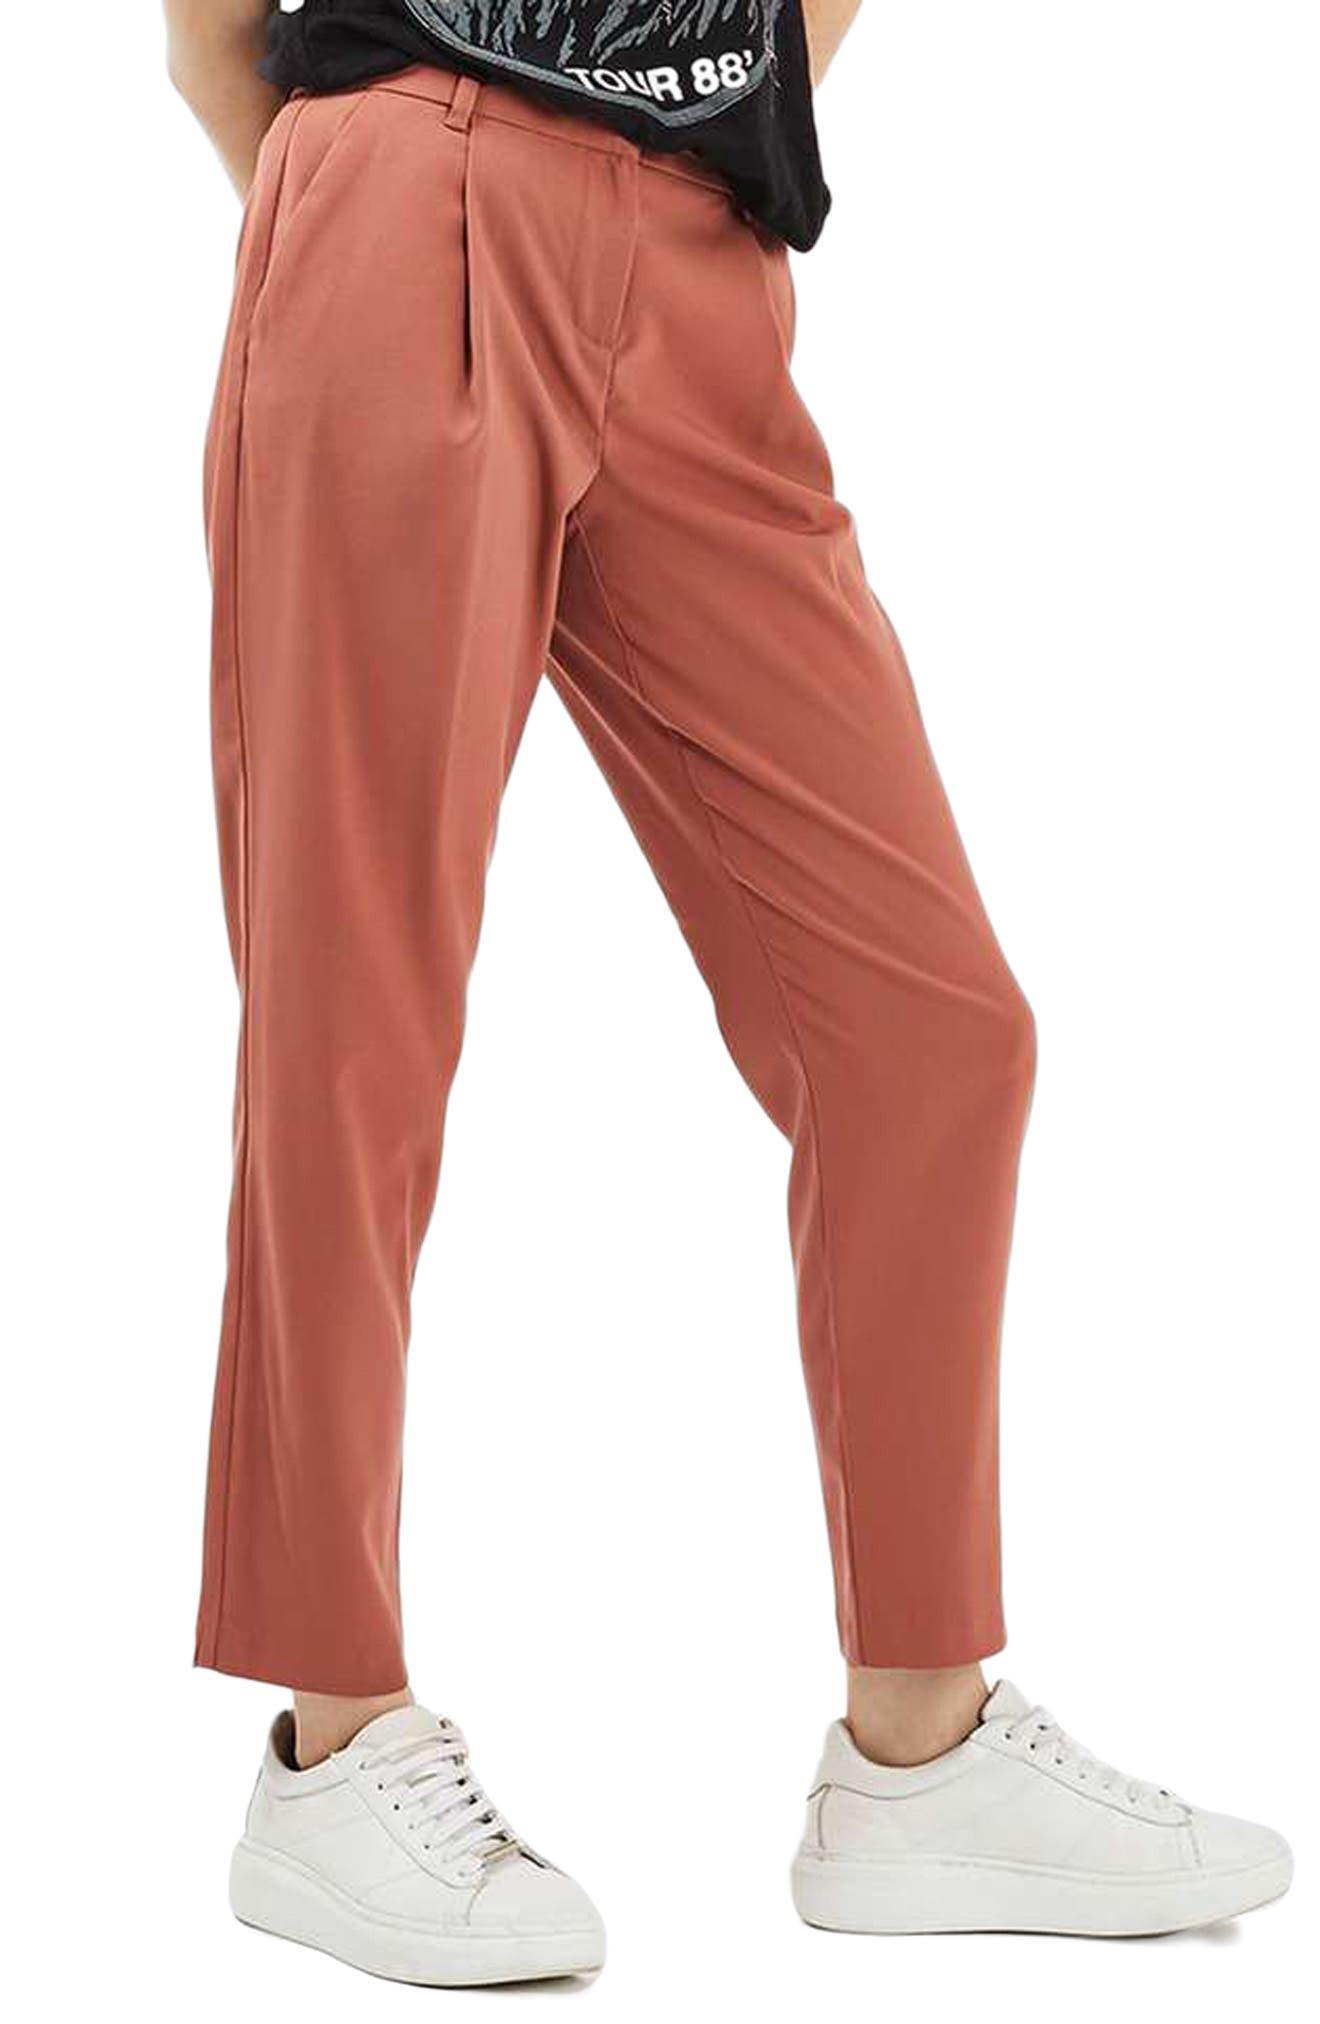 Peg Leg Trousers,                             Alternate thumbnail 2, color,                             220